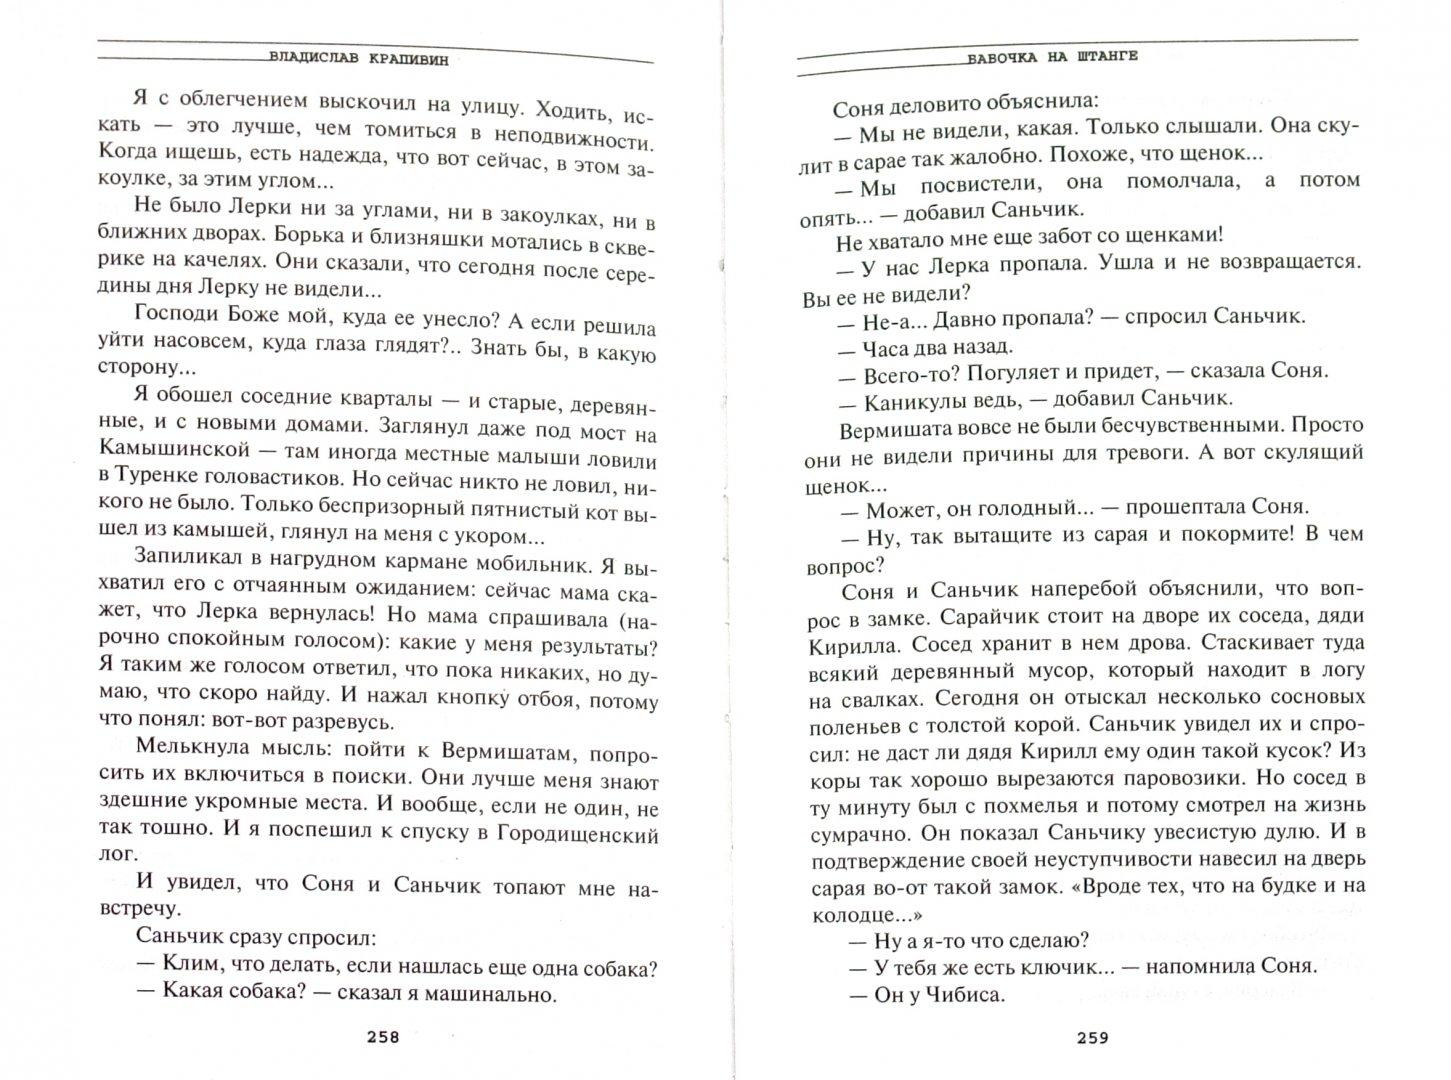 Иллюстрация 1 из 2 для Бабочка на штанге - Владислав Крапивин | Лабиринт - книги. Источник: Лабиринт